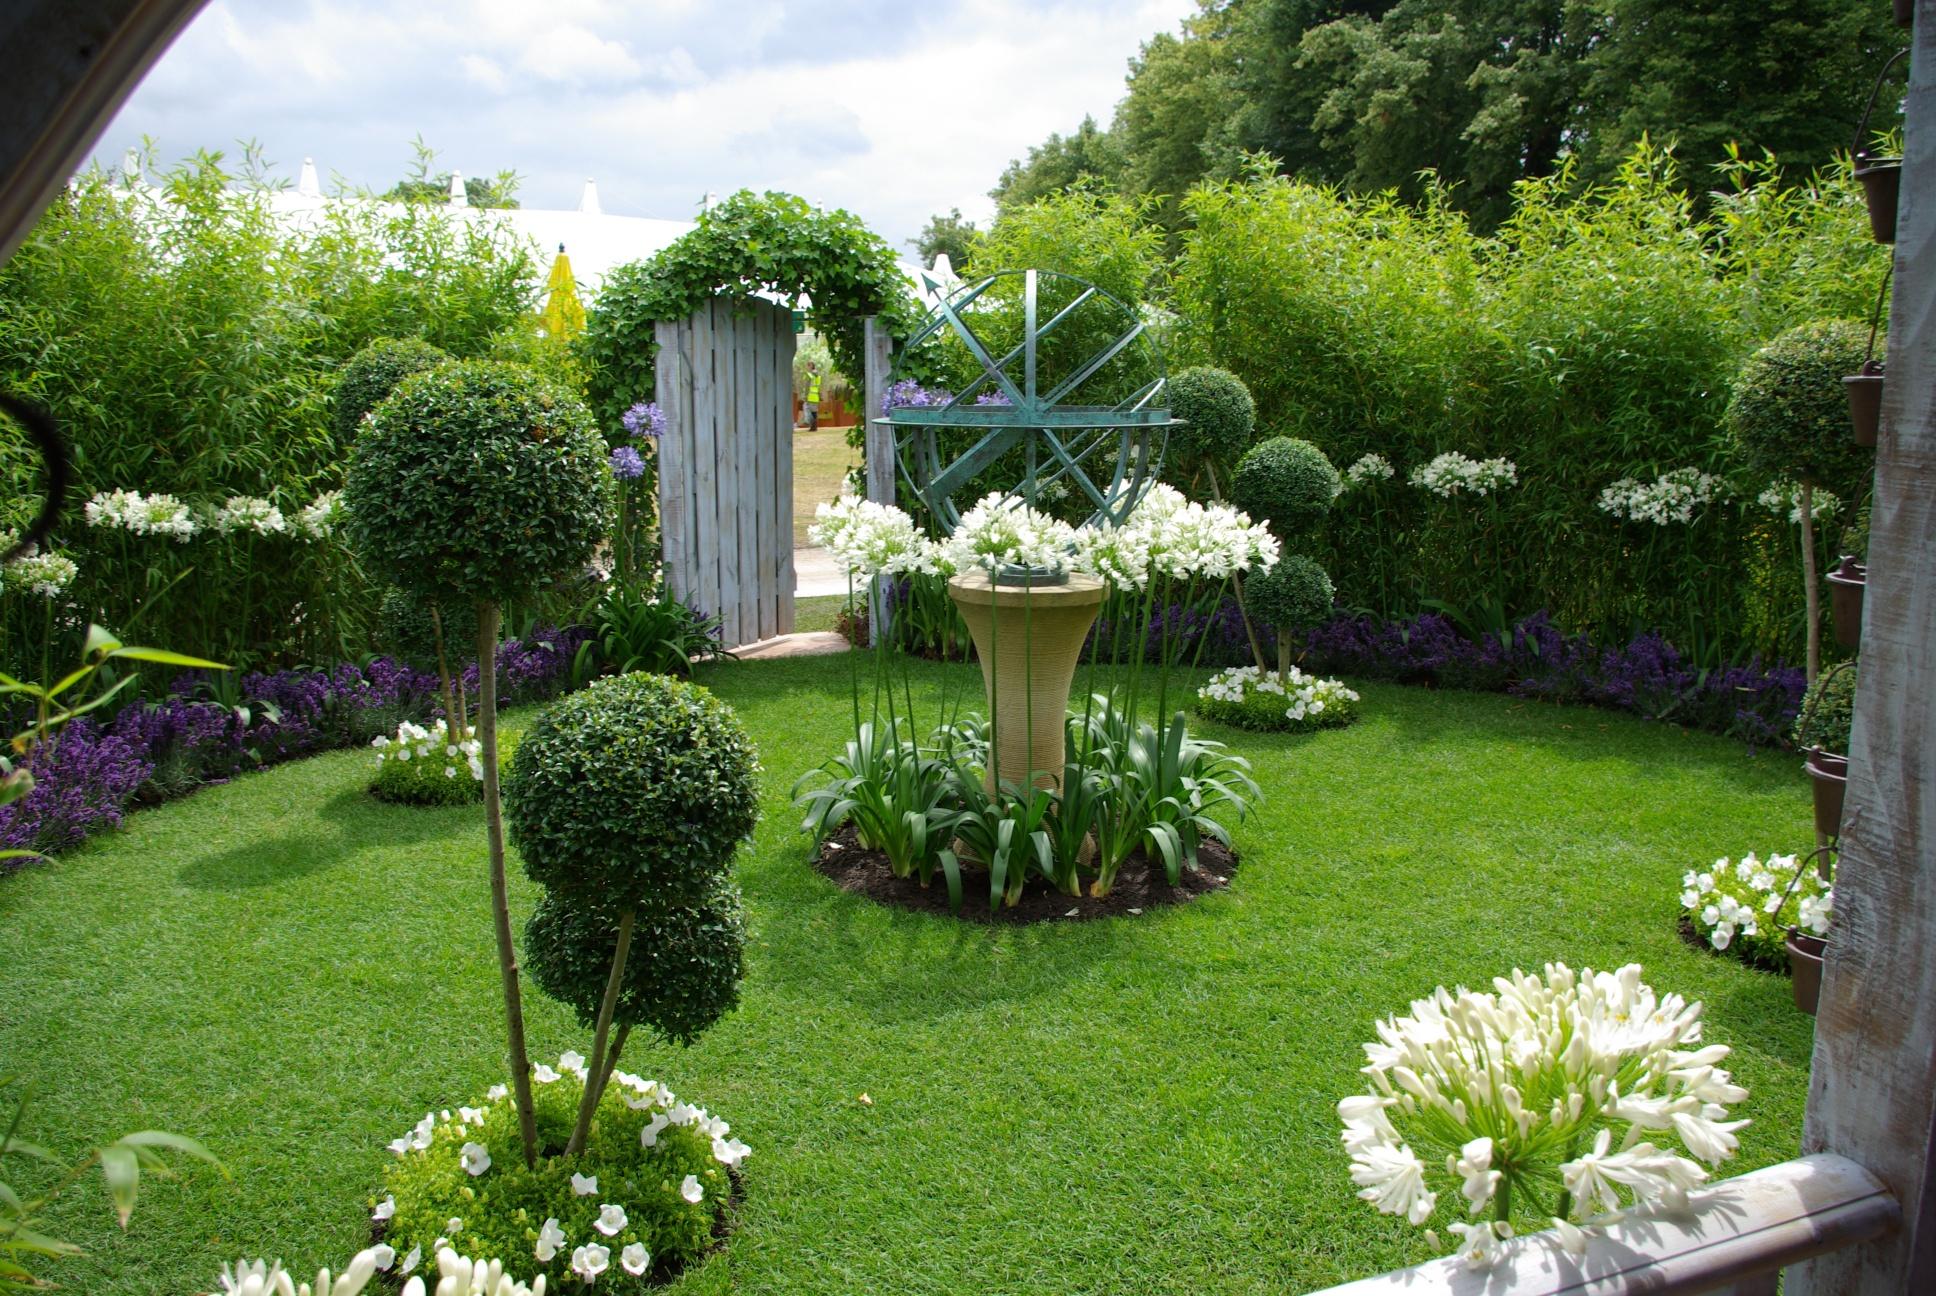 Rhs hampton court 2008 the croft spot secret garden for Hamptons home garden design